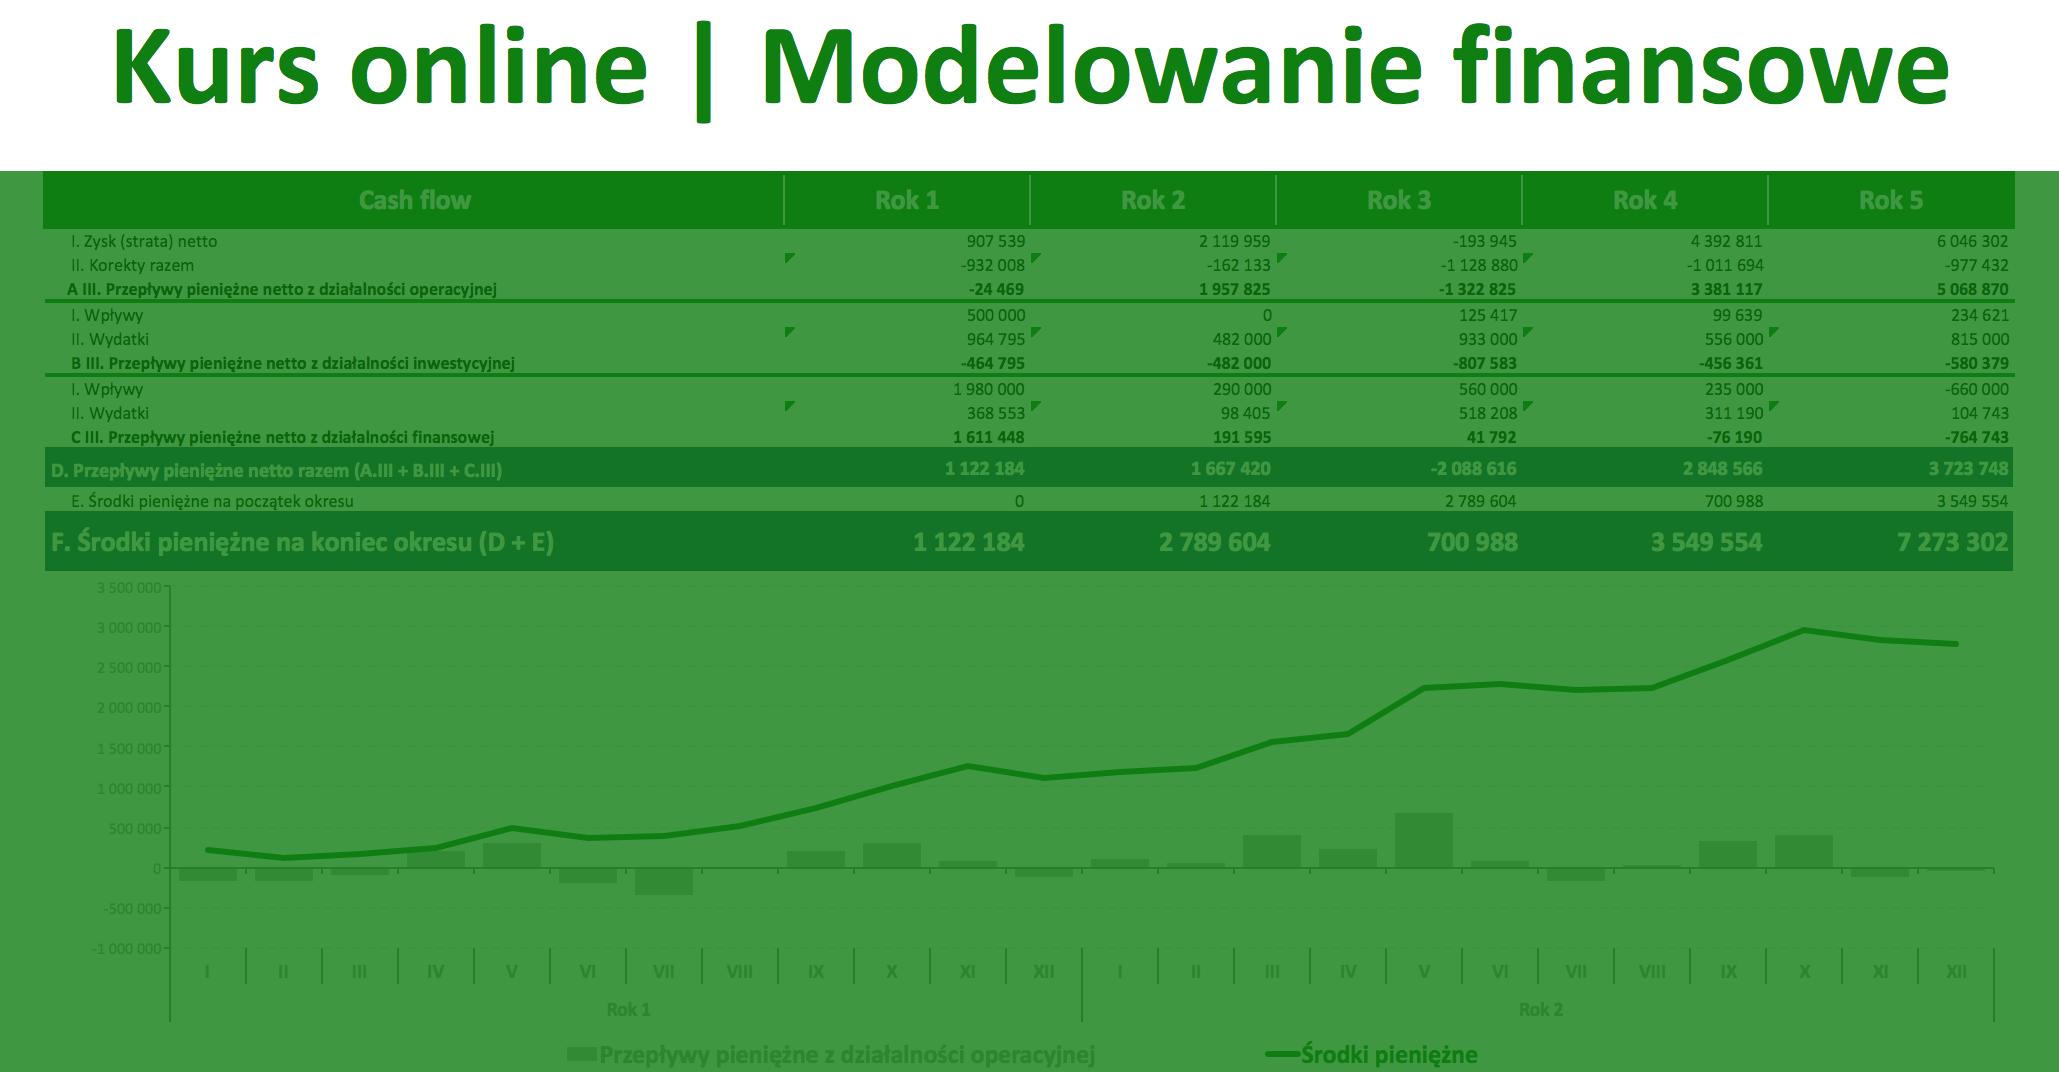 kurs online, modelowanie finansowe, excel, prognozowanie finansowe w excelu, modelowanie przepływów pieniężnych, kurs excel, excel w finansach, kurs z finansów, excel controlling, excel finanse, model finansowy, model finansowy w excelu.